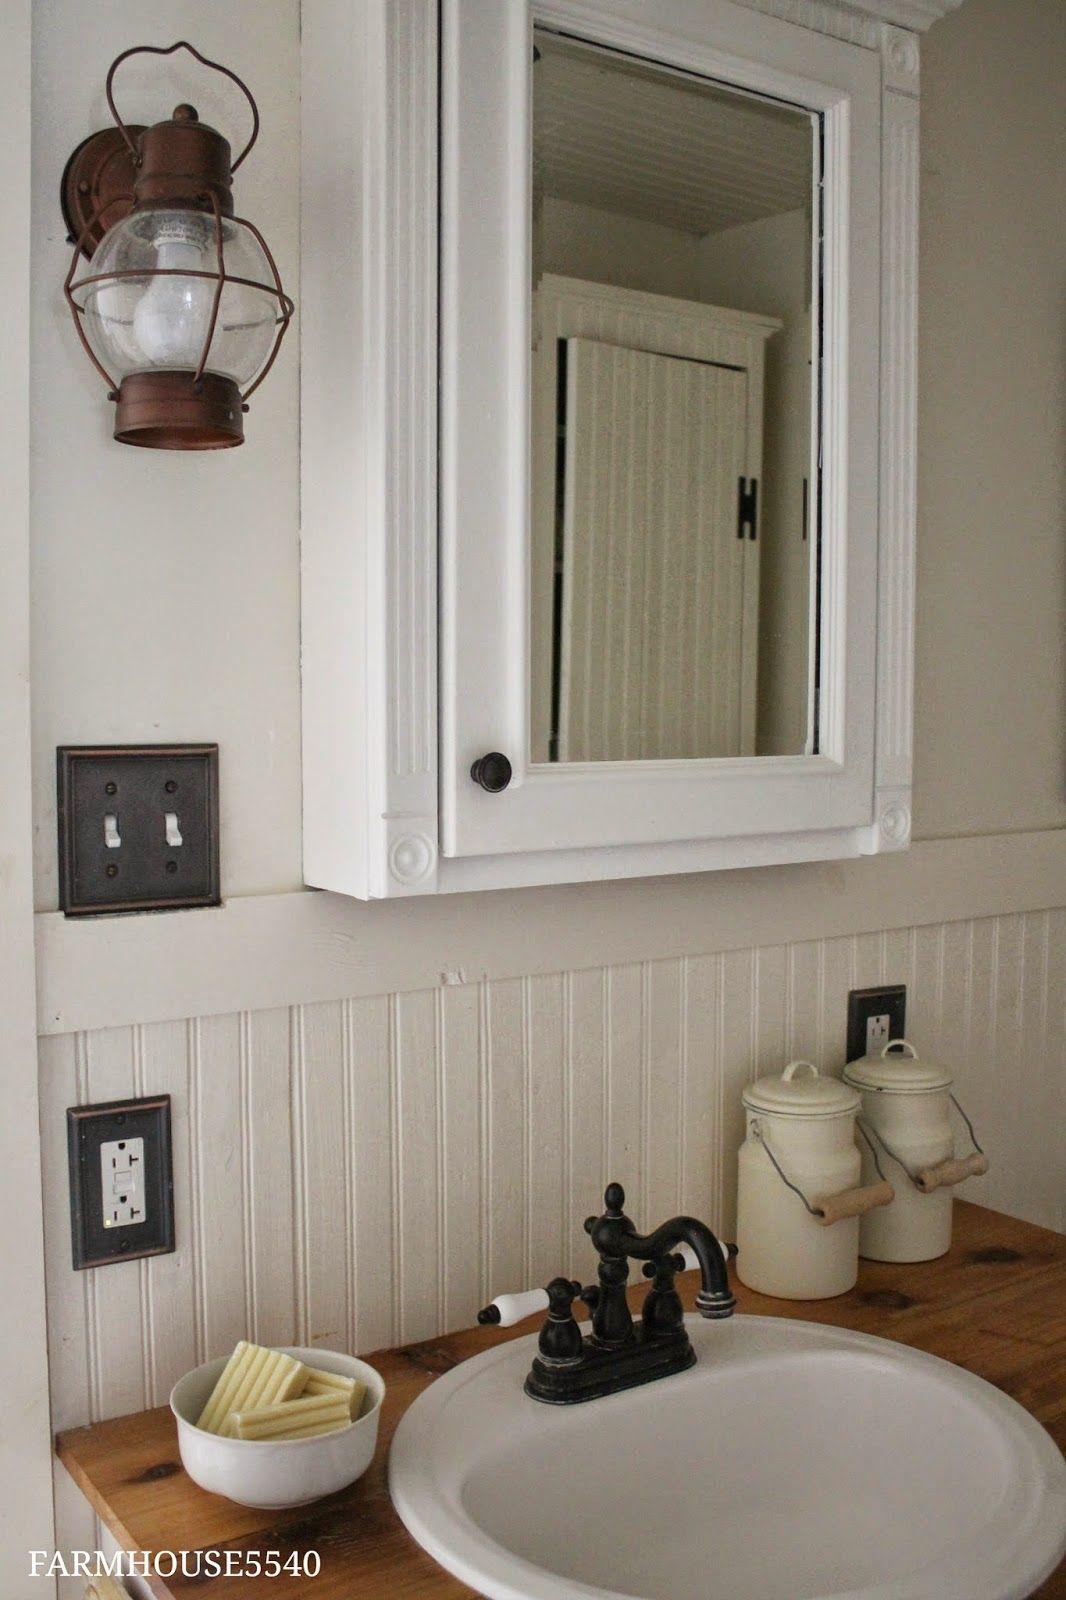 Bathroom Farmhouse5540